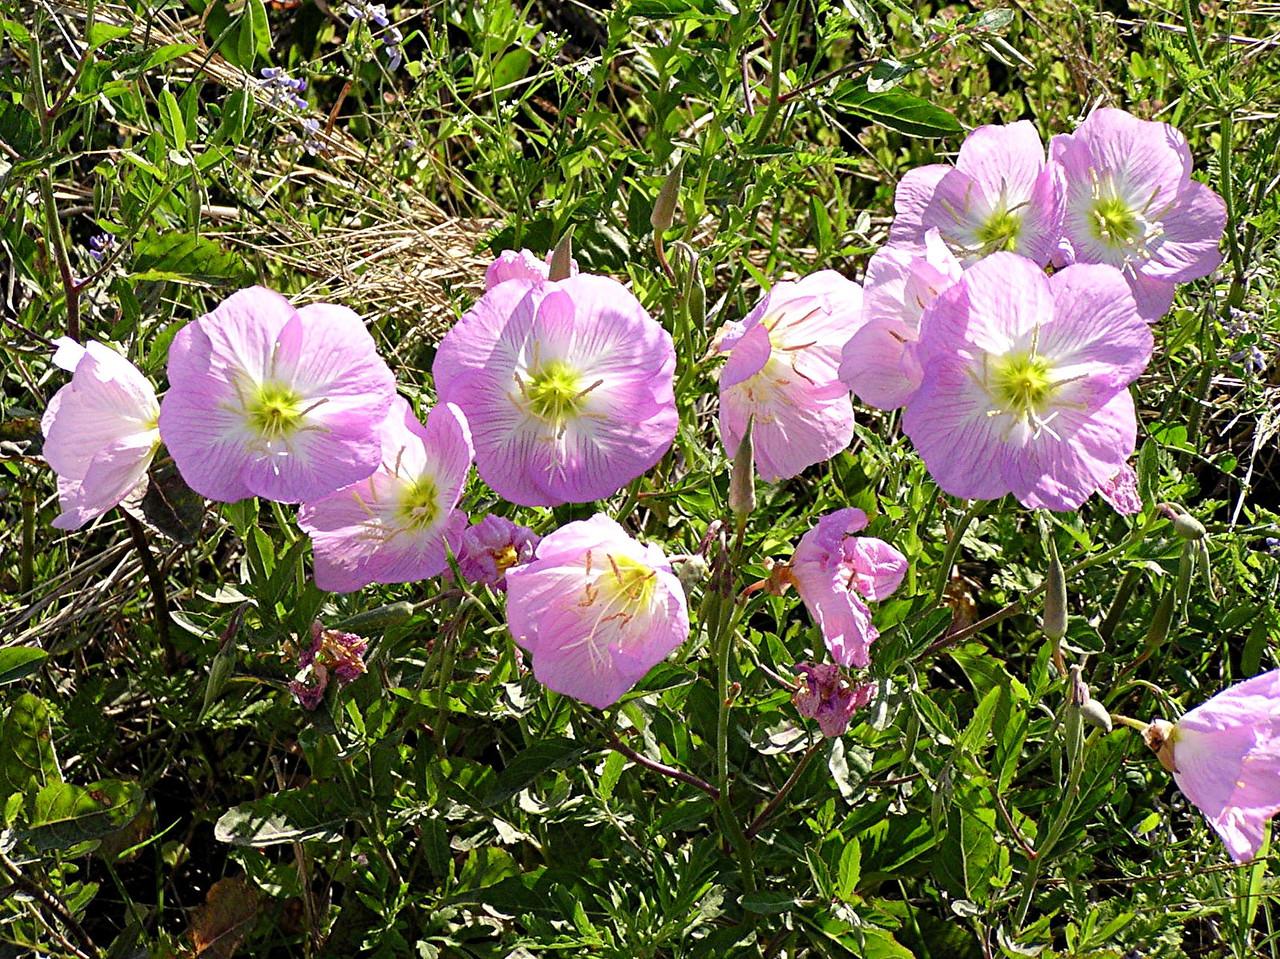 Showy Primrose - Baytown Nature Center, Baytown, TX